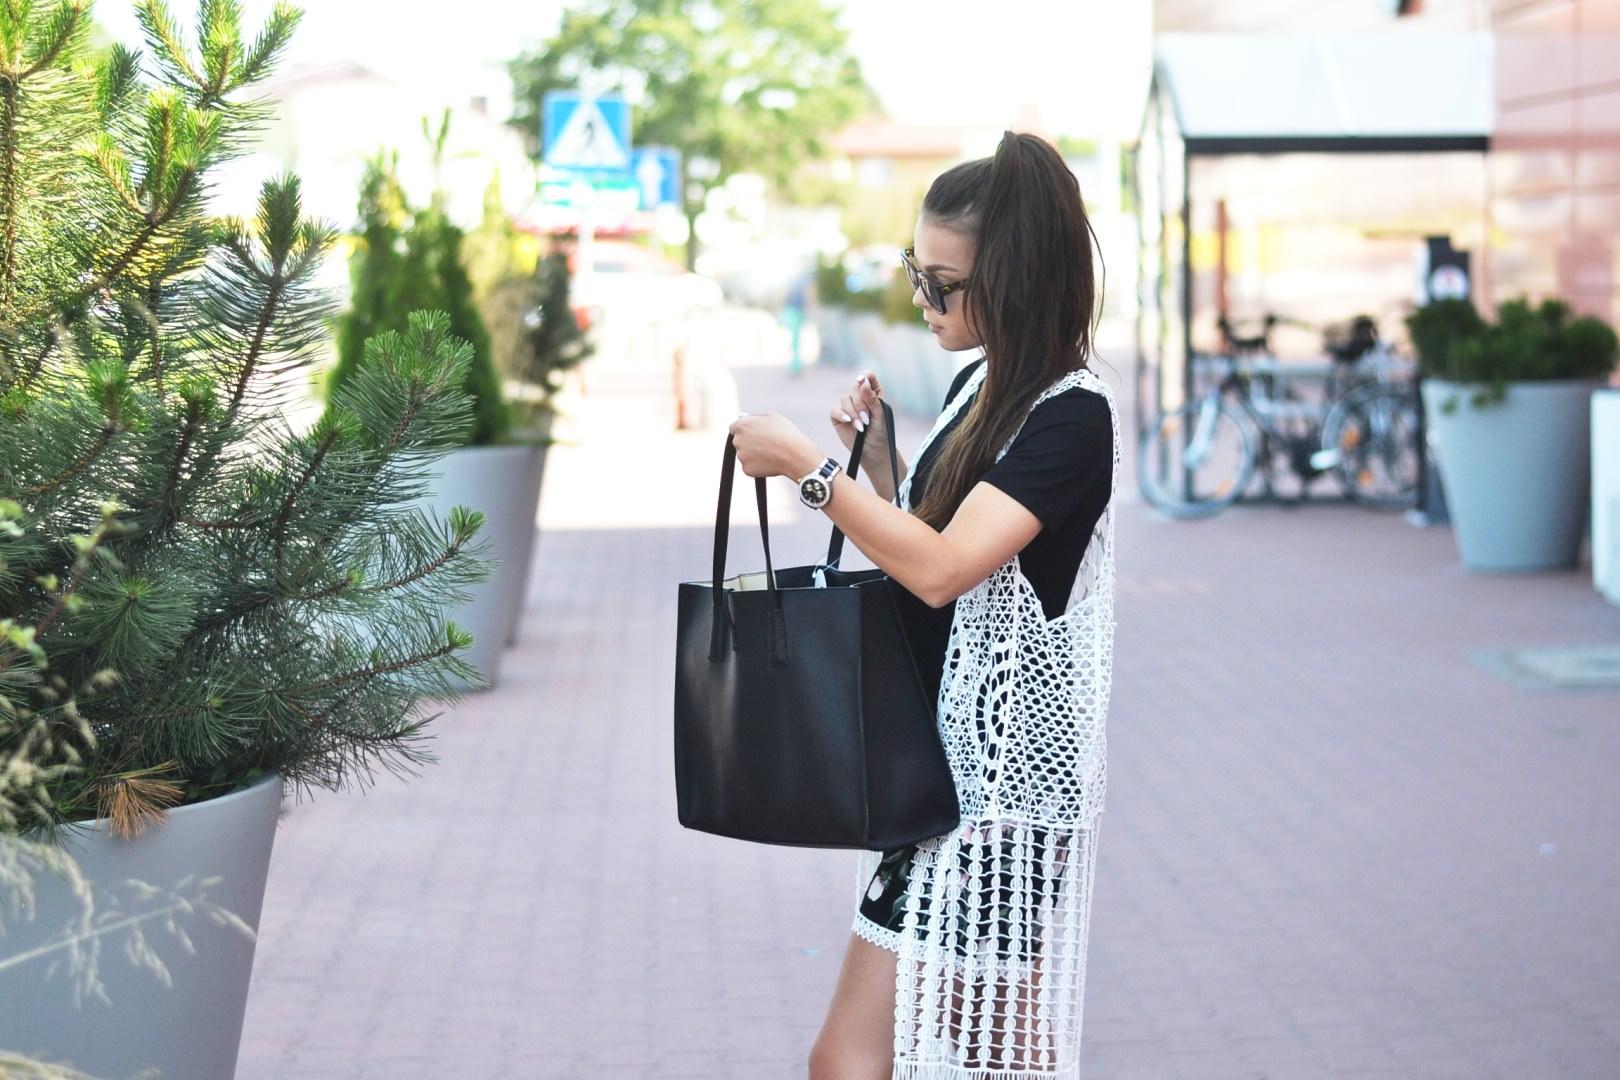 b50d6596e3 Wakacyjna stylizacja w czerni i bieli ⋆ Oshopping Blog